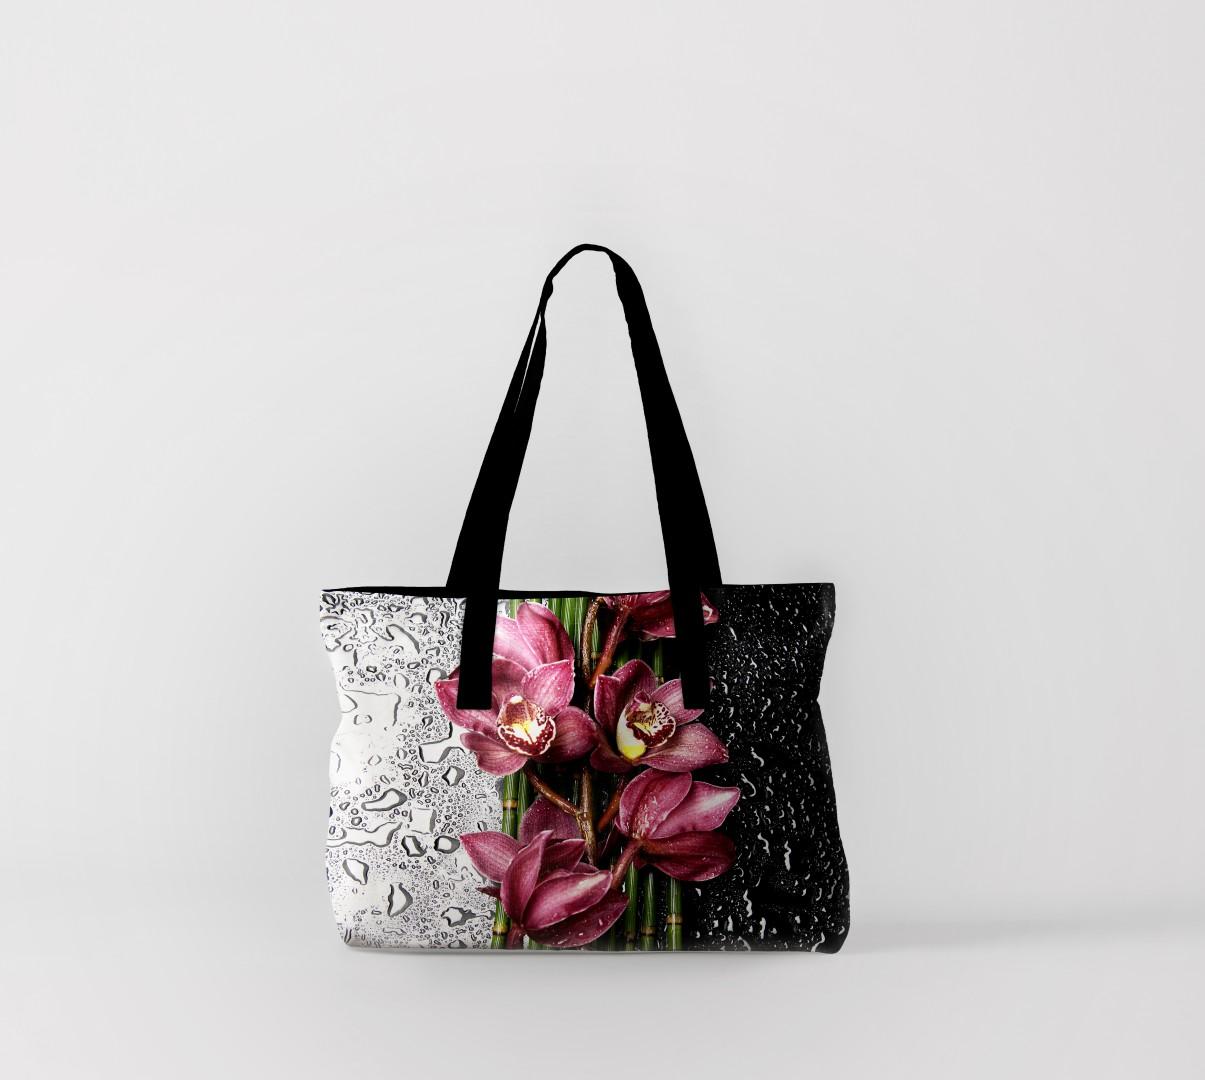 Пляжная сумка Цветы после дождя (50х40 см) Олимп Текстиль oli732613